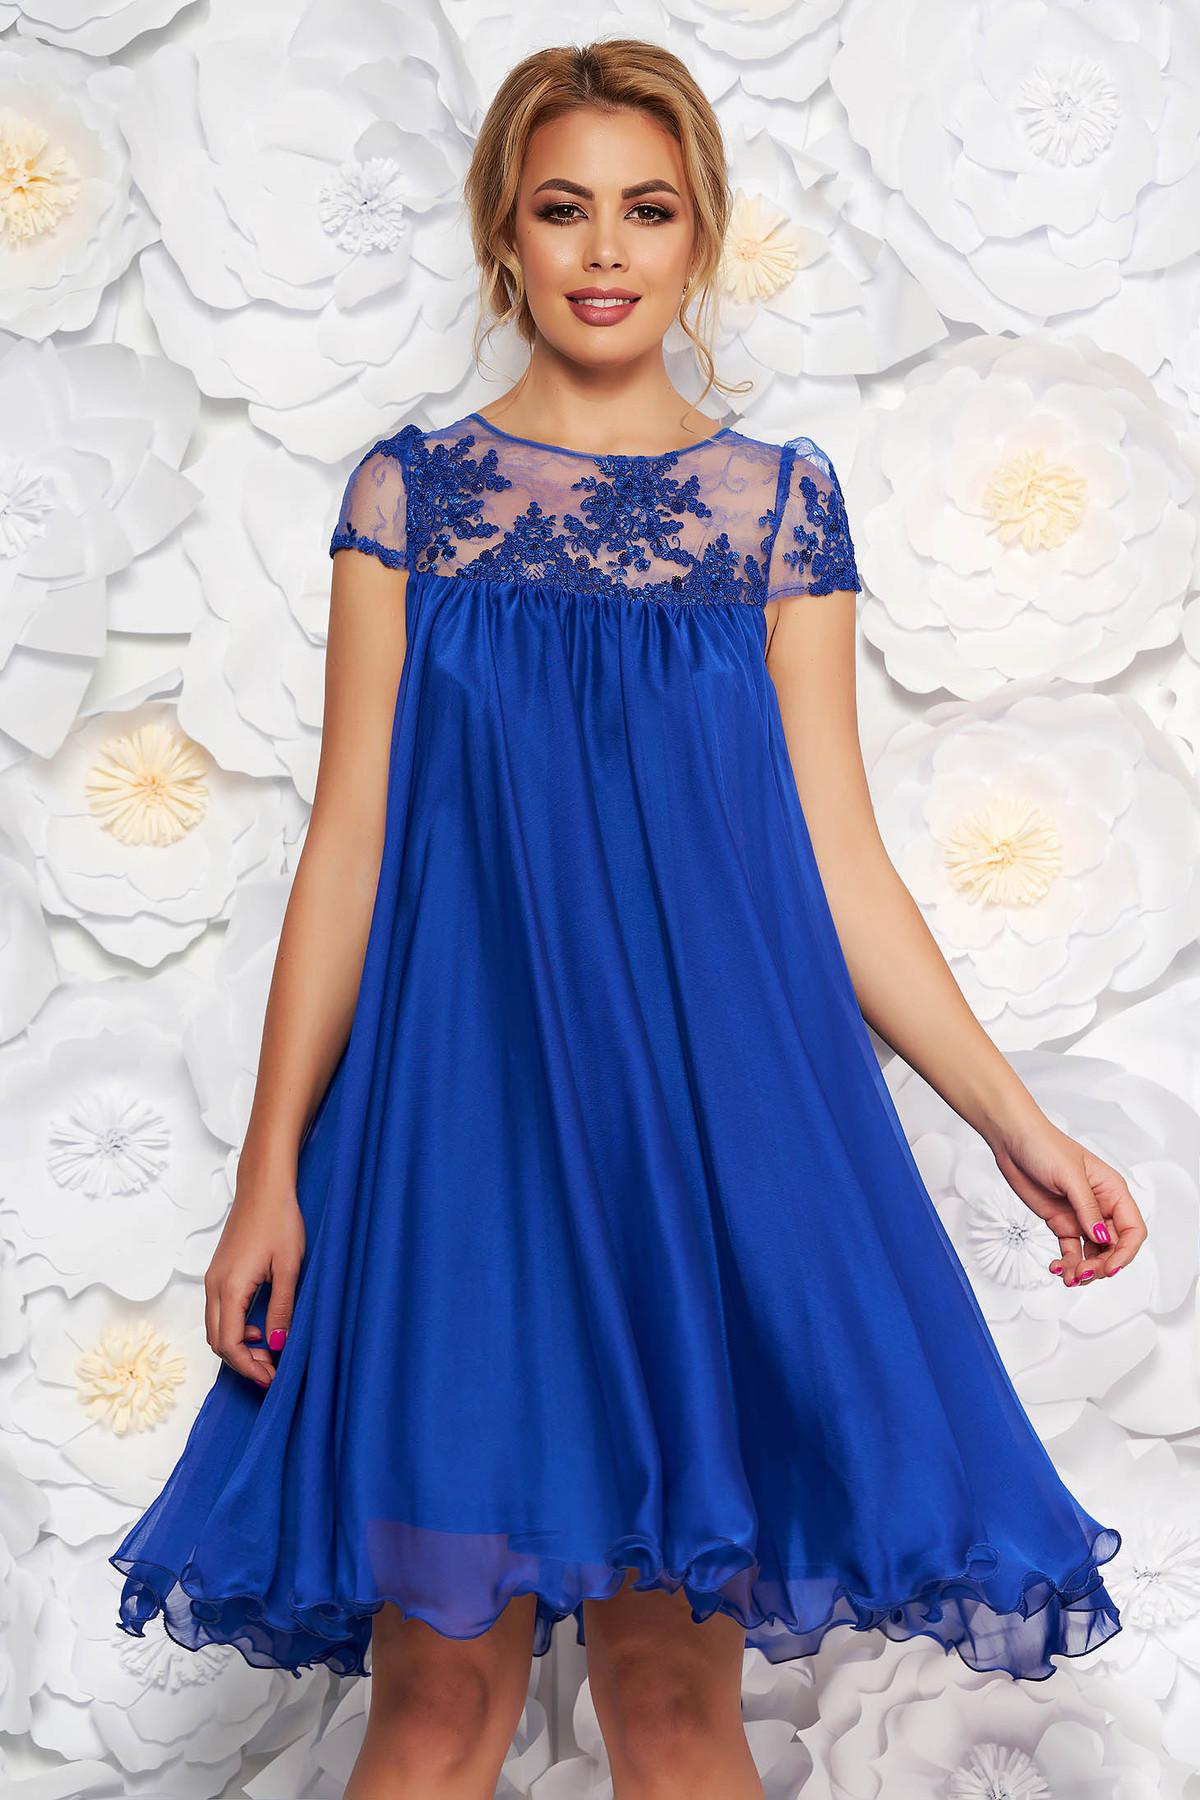 Rochie Artista albastra de ocazie cu croi larg din voal captusita pe interior cu insertii de broderie